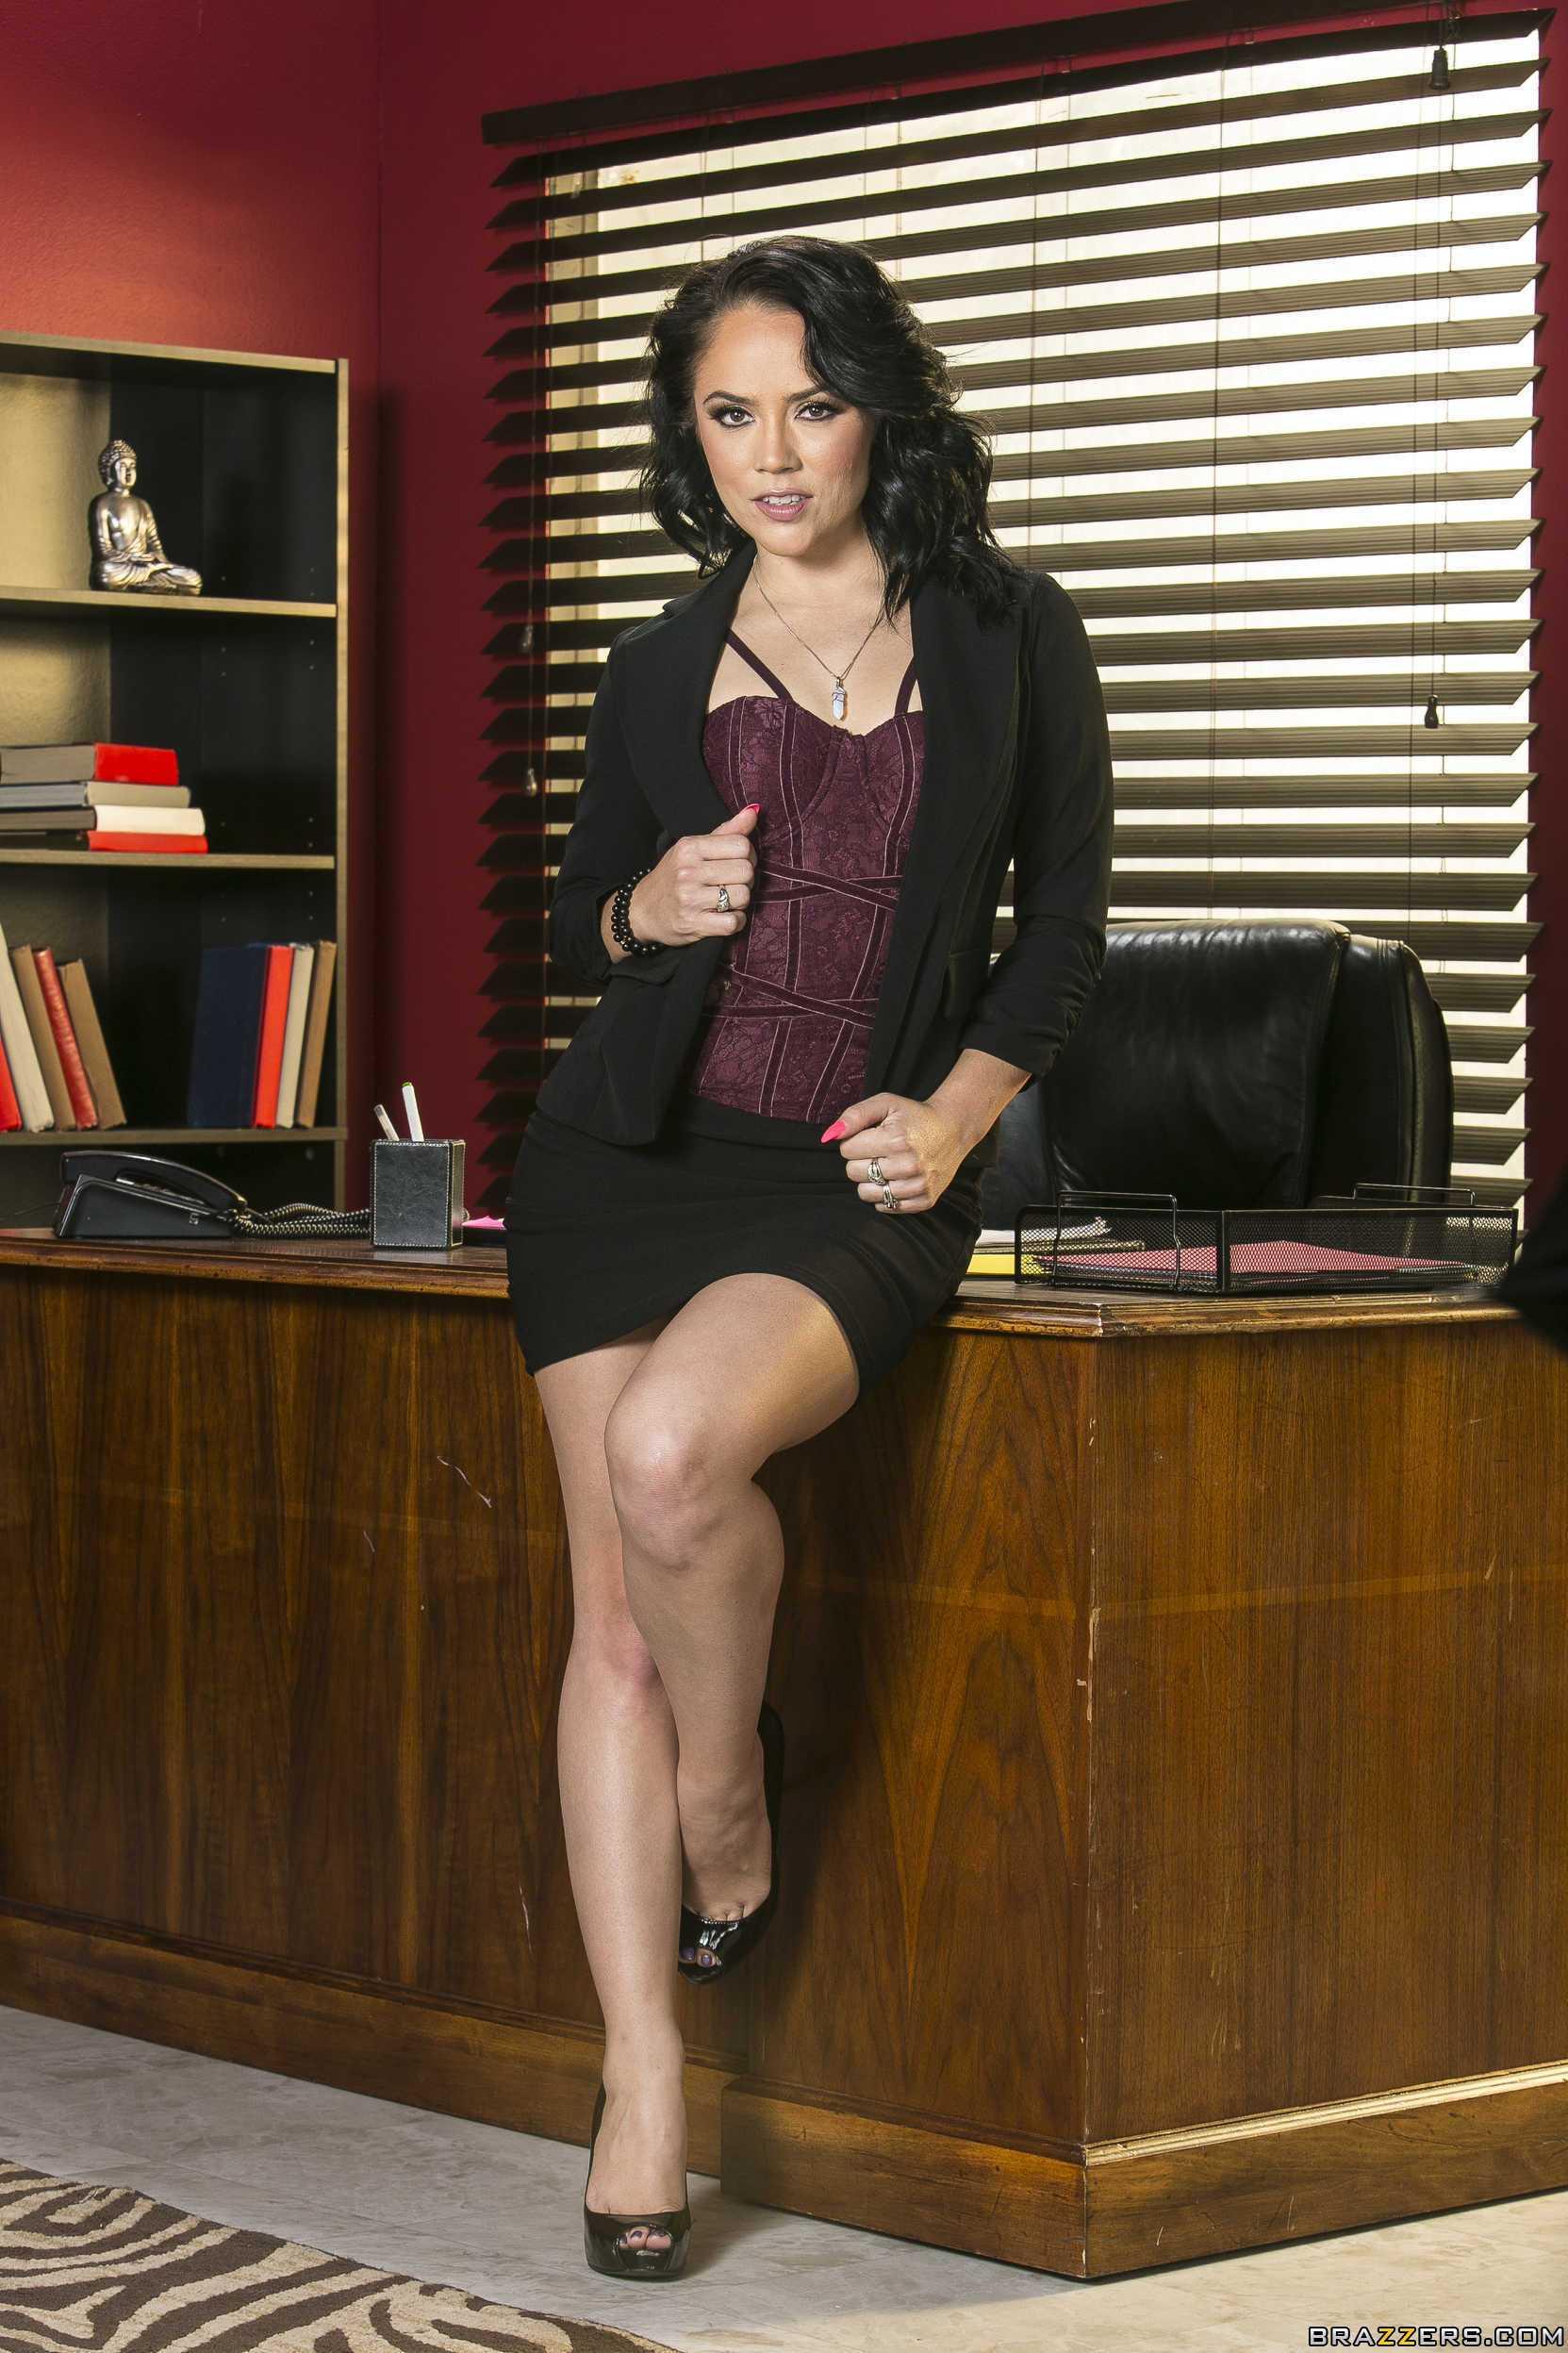 Kristina Rose versucht, um Sie zu befriedigen unhöflich boss